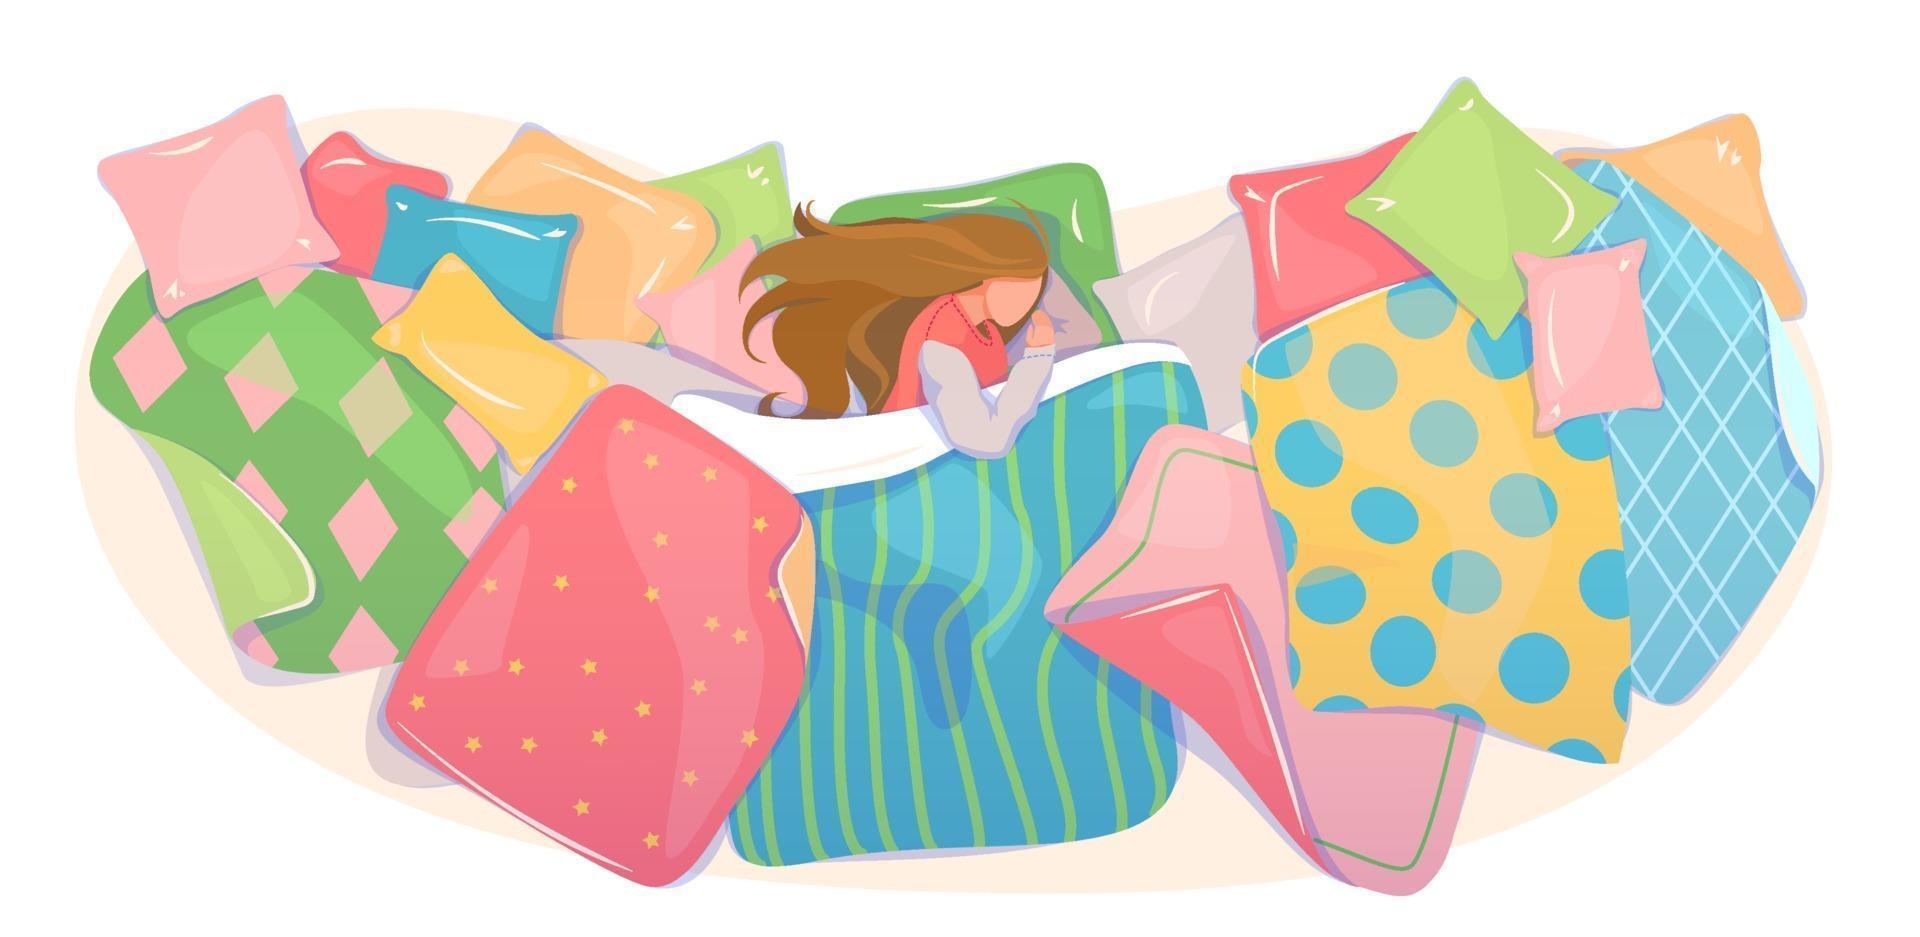 cuscini e coperte coprono design, banner negozio di tessuti. ragazza che dorme nel concetto di biancheria da letto accogliente. modello di set di biancheria da letto. sfondo web del modello di tessuto. carta dei sogni, vista dall'alto. illustrazione vettoriale piatta.